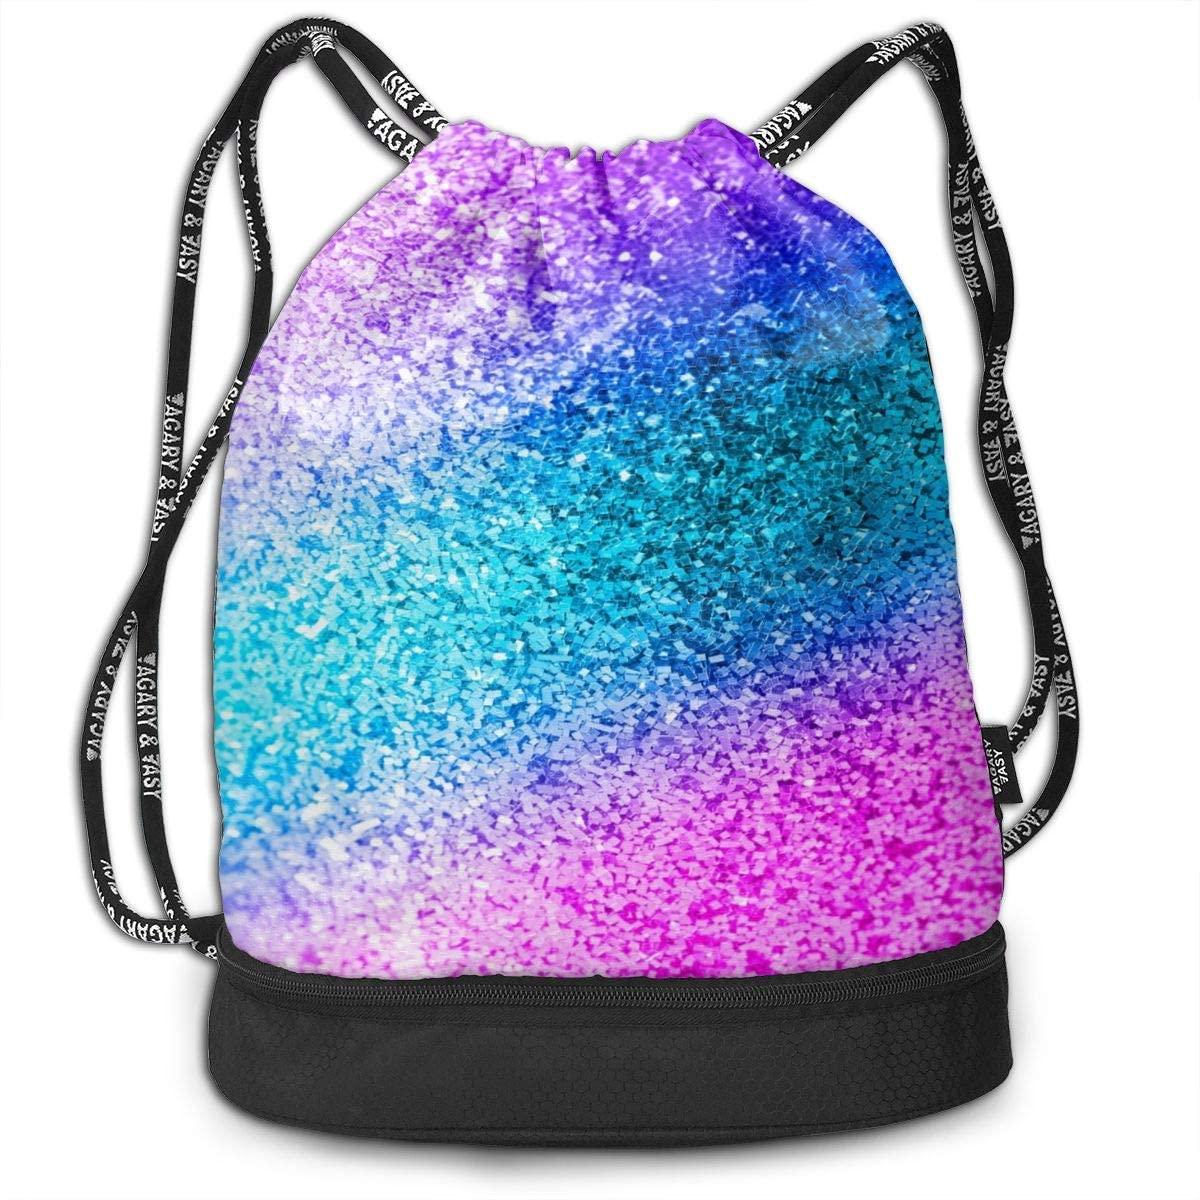 Drawstring Backpack,Glitter Sequin Spot Print Sport Travel Gym Bundle Backpack Bag